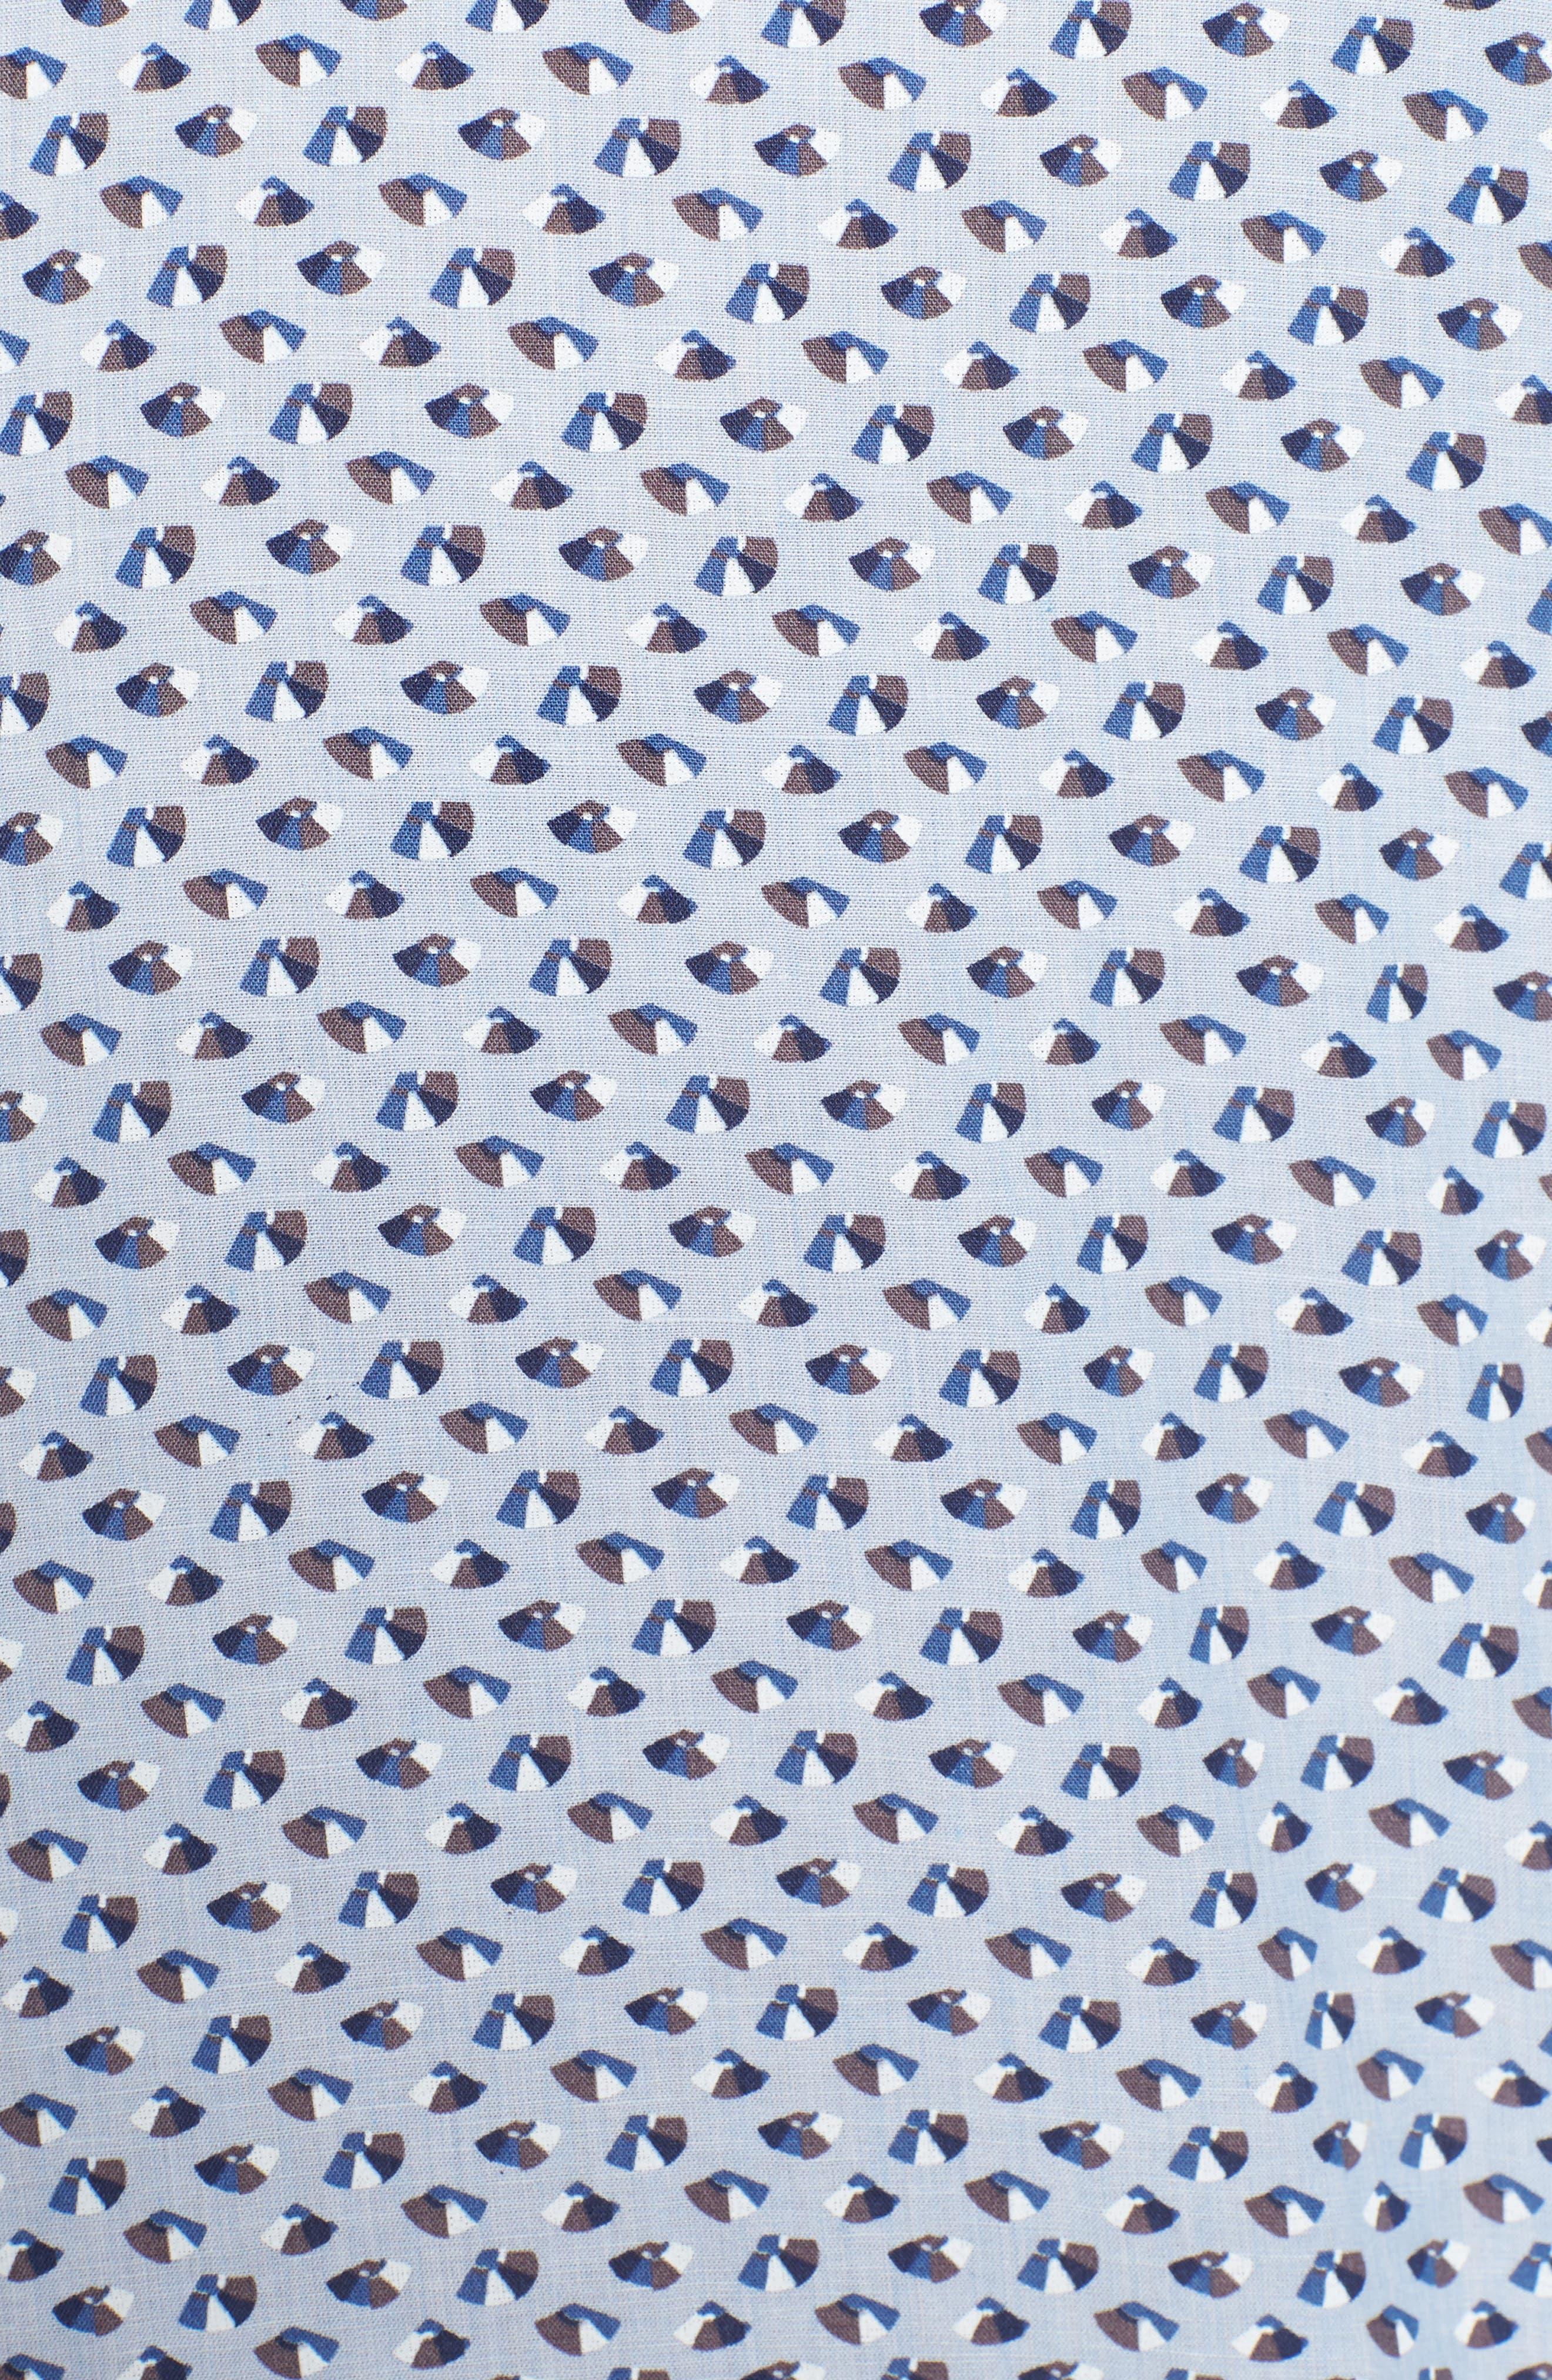 Slim Fit Print Cotton & Linen Sport Shirt,                             Alternate thumbnail 5, color,                             Blue